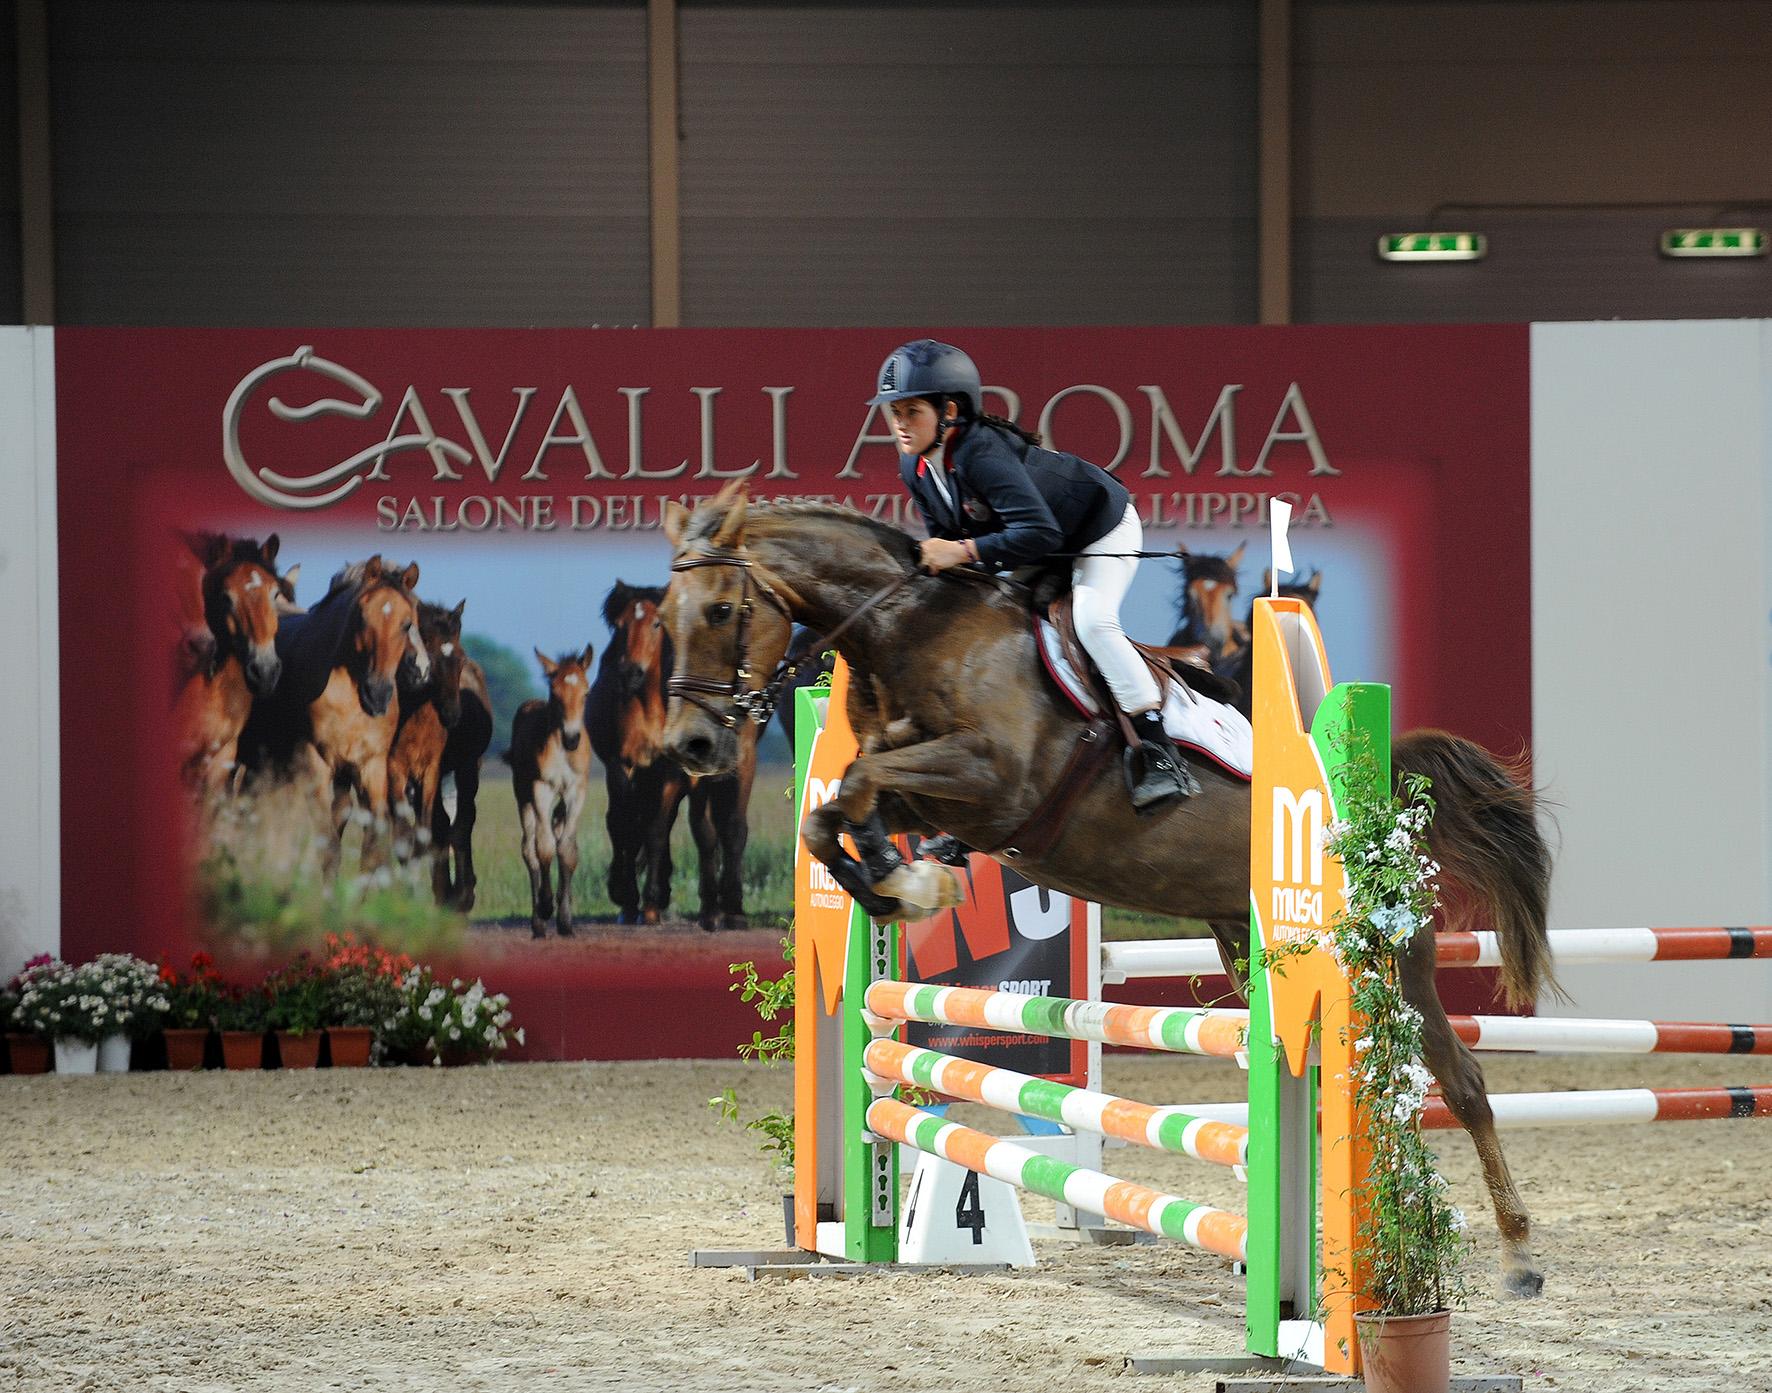 Countdown per Cavalli a Roma: due settimane al via